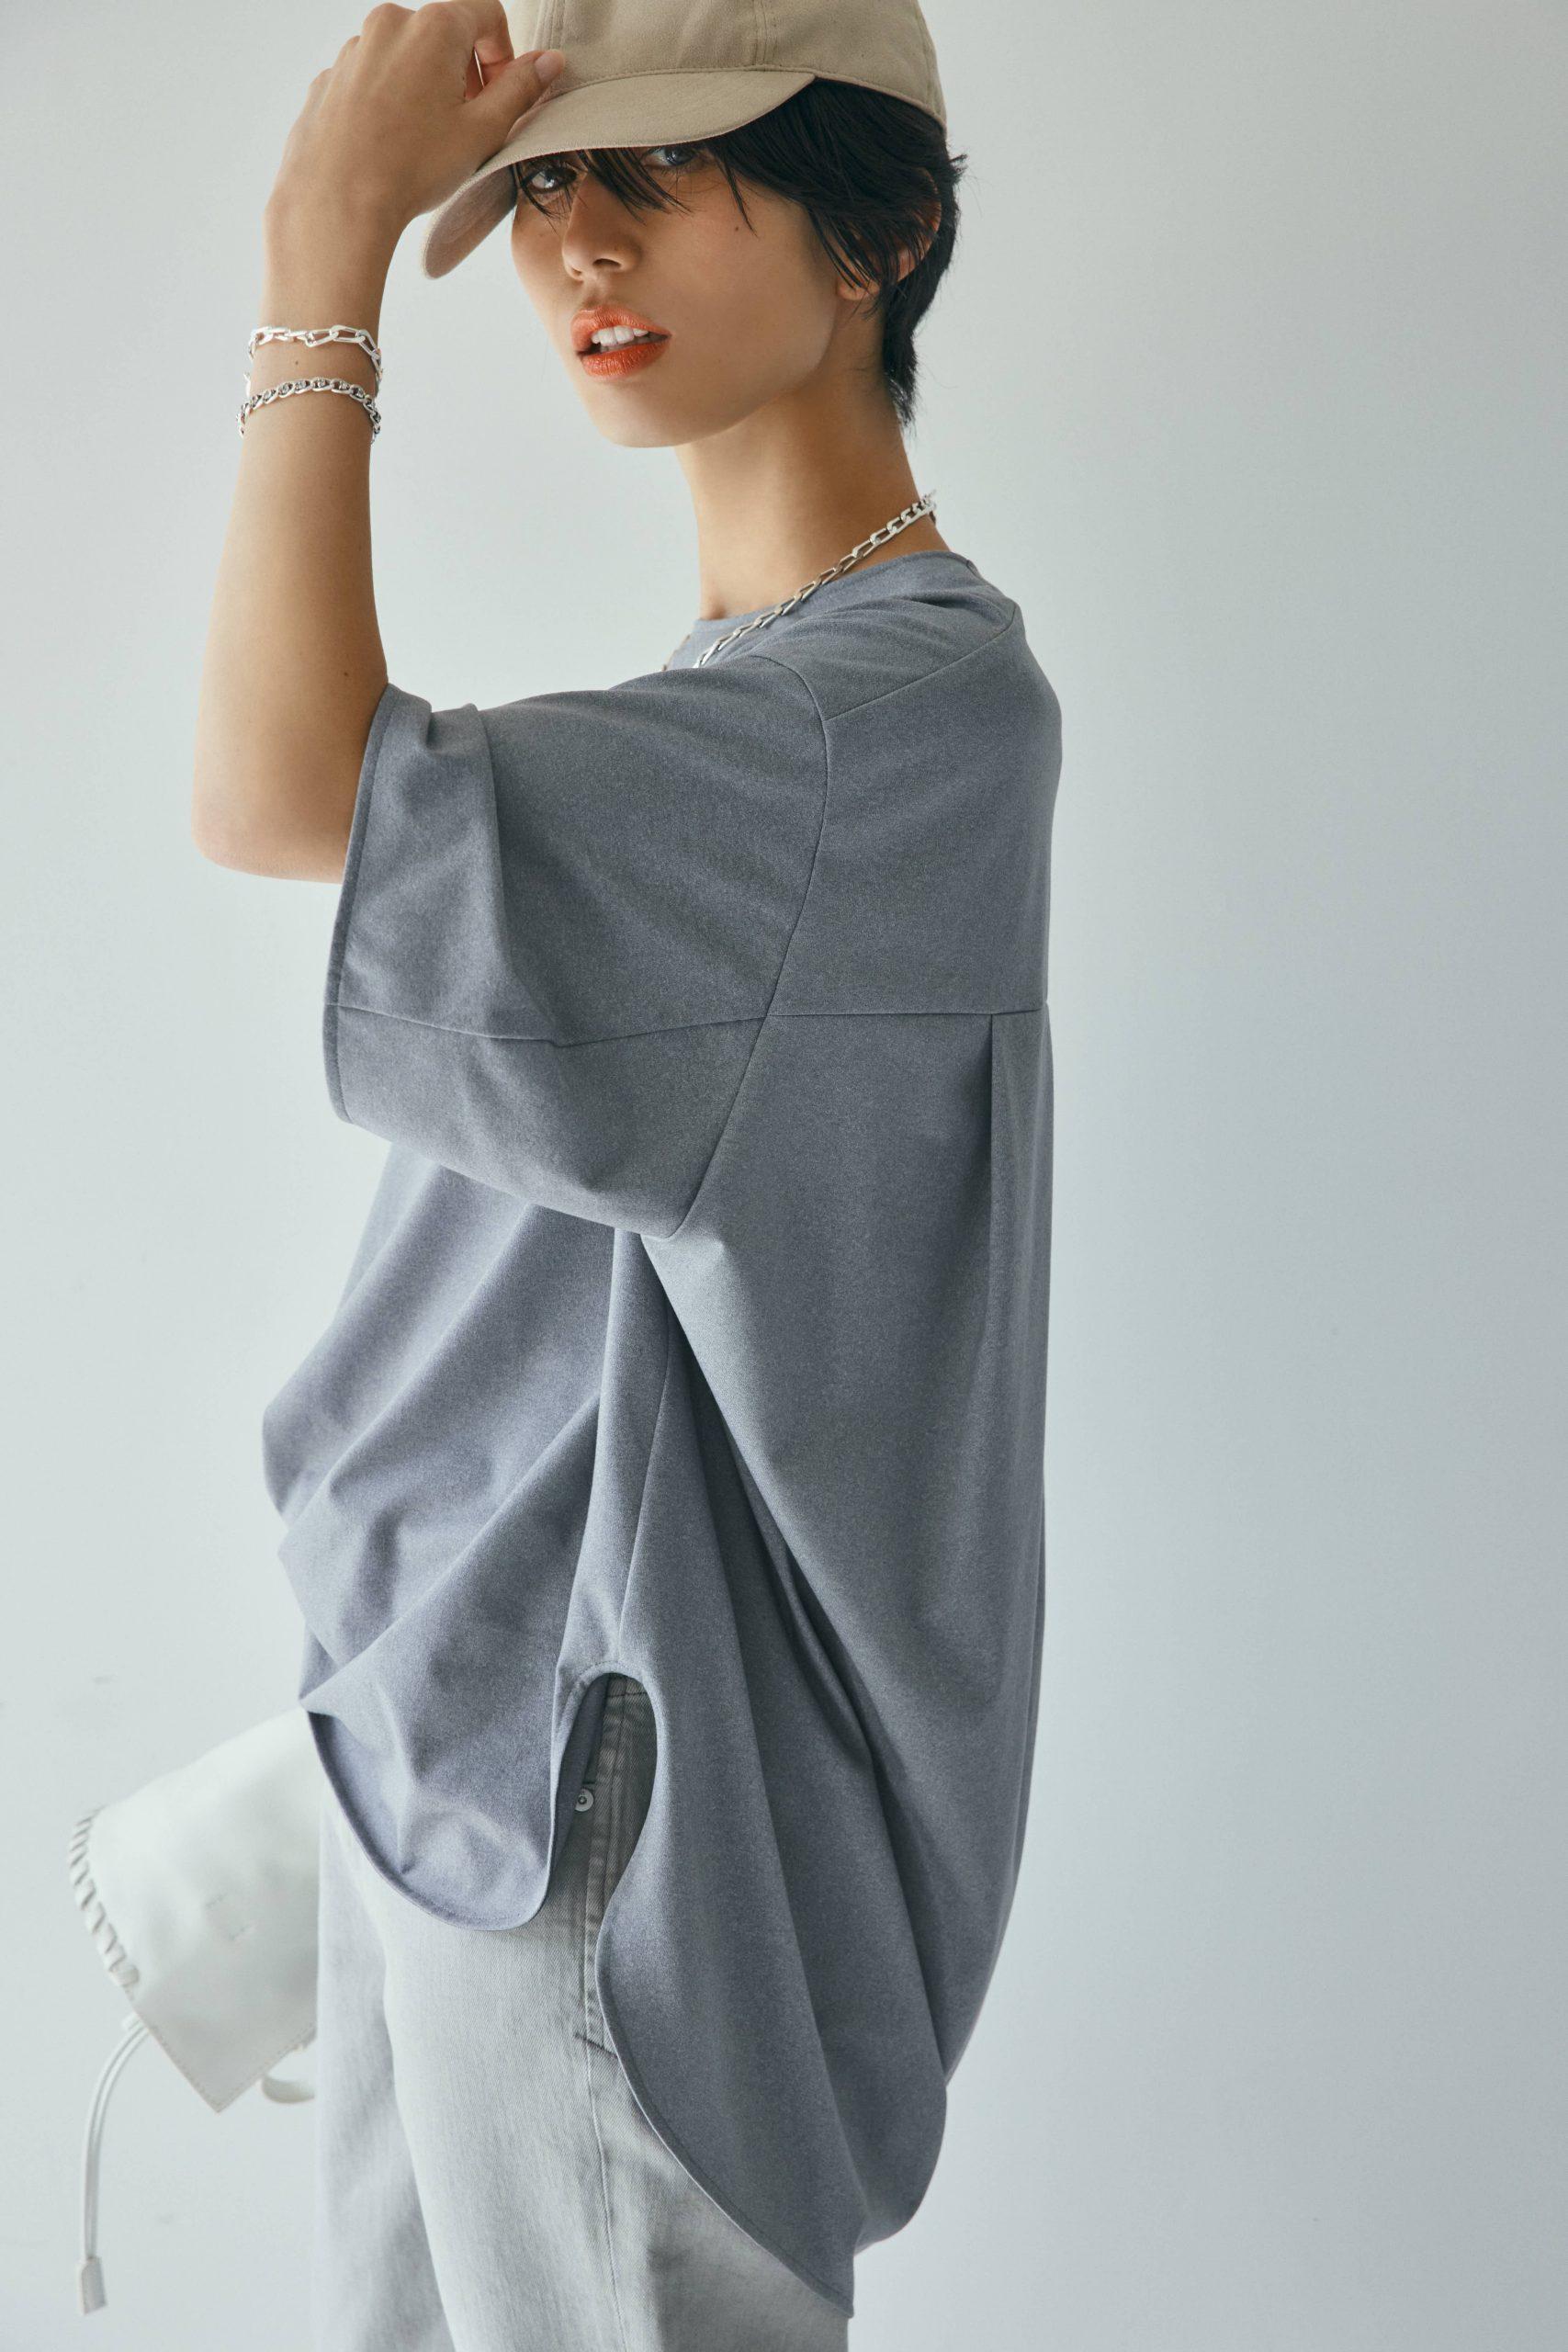 神山まりあ×RIVE DROITE(リヴドロワ)のコラボTシャツを私服コーデで。グレーTシャツ1